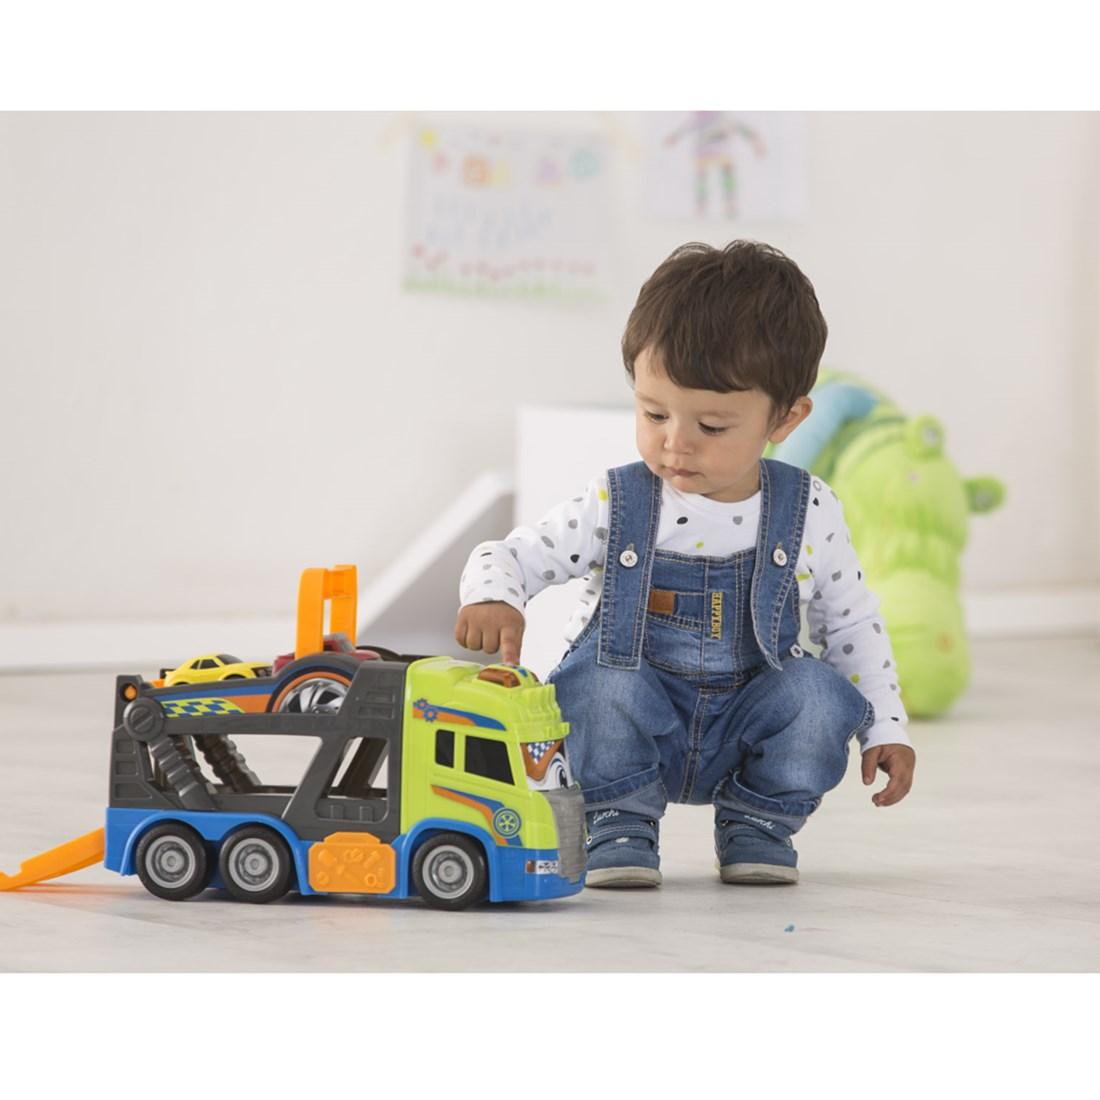 Bilar - leksaker 2 år